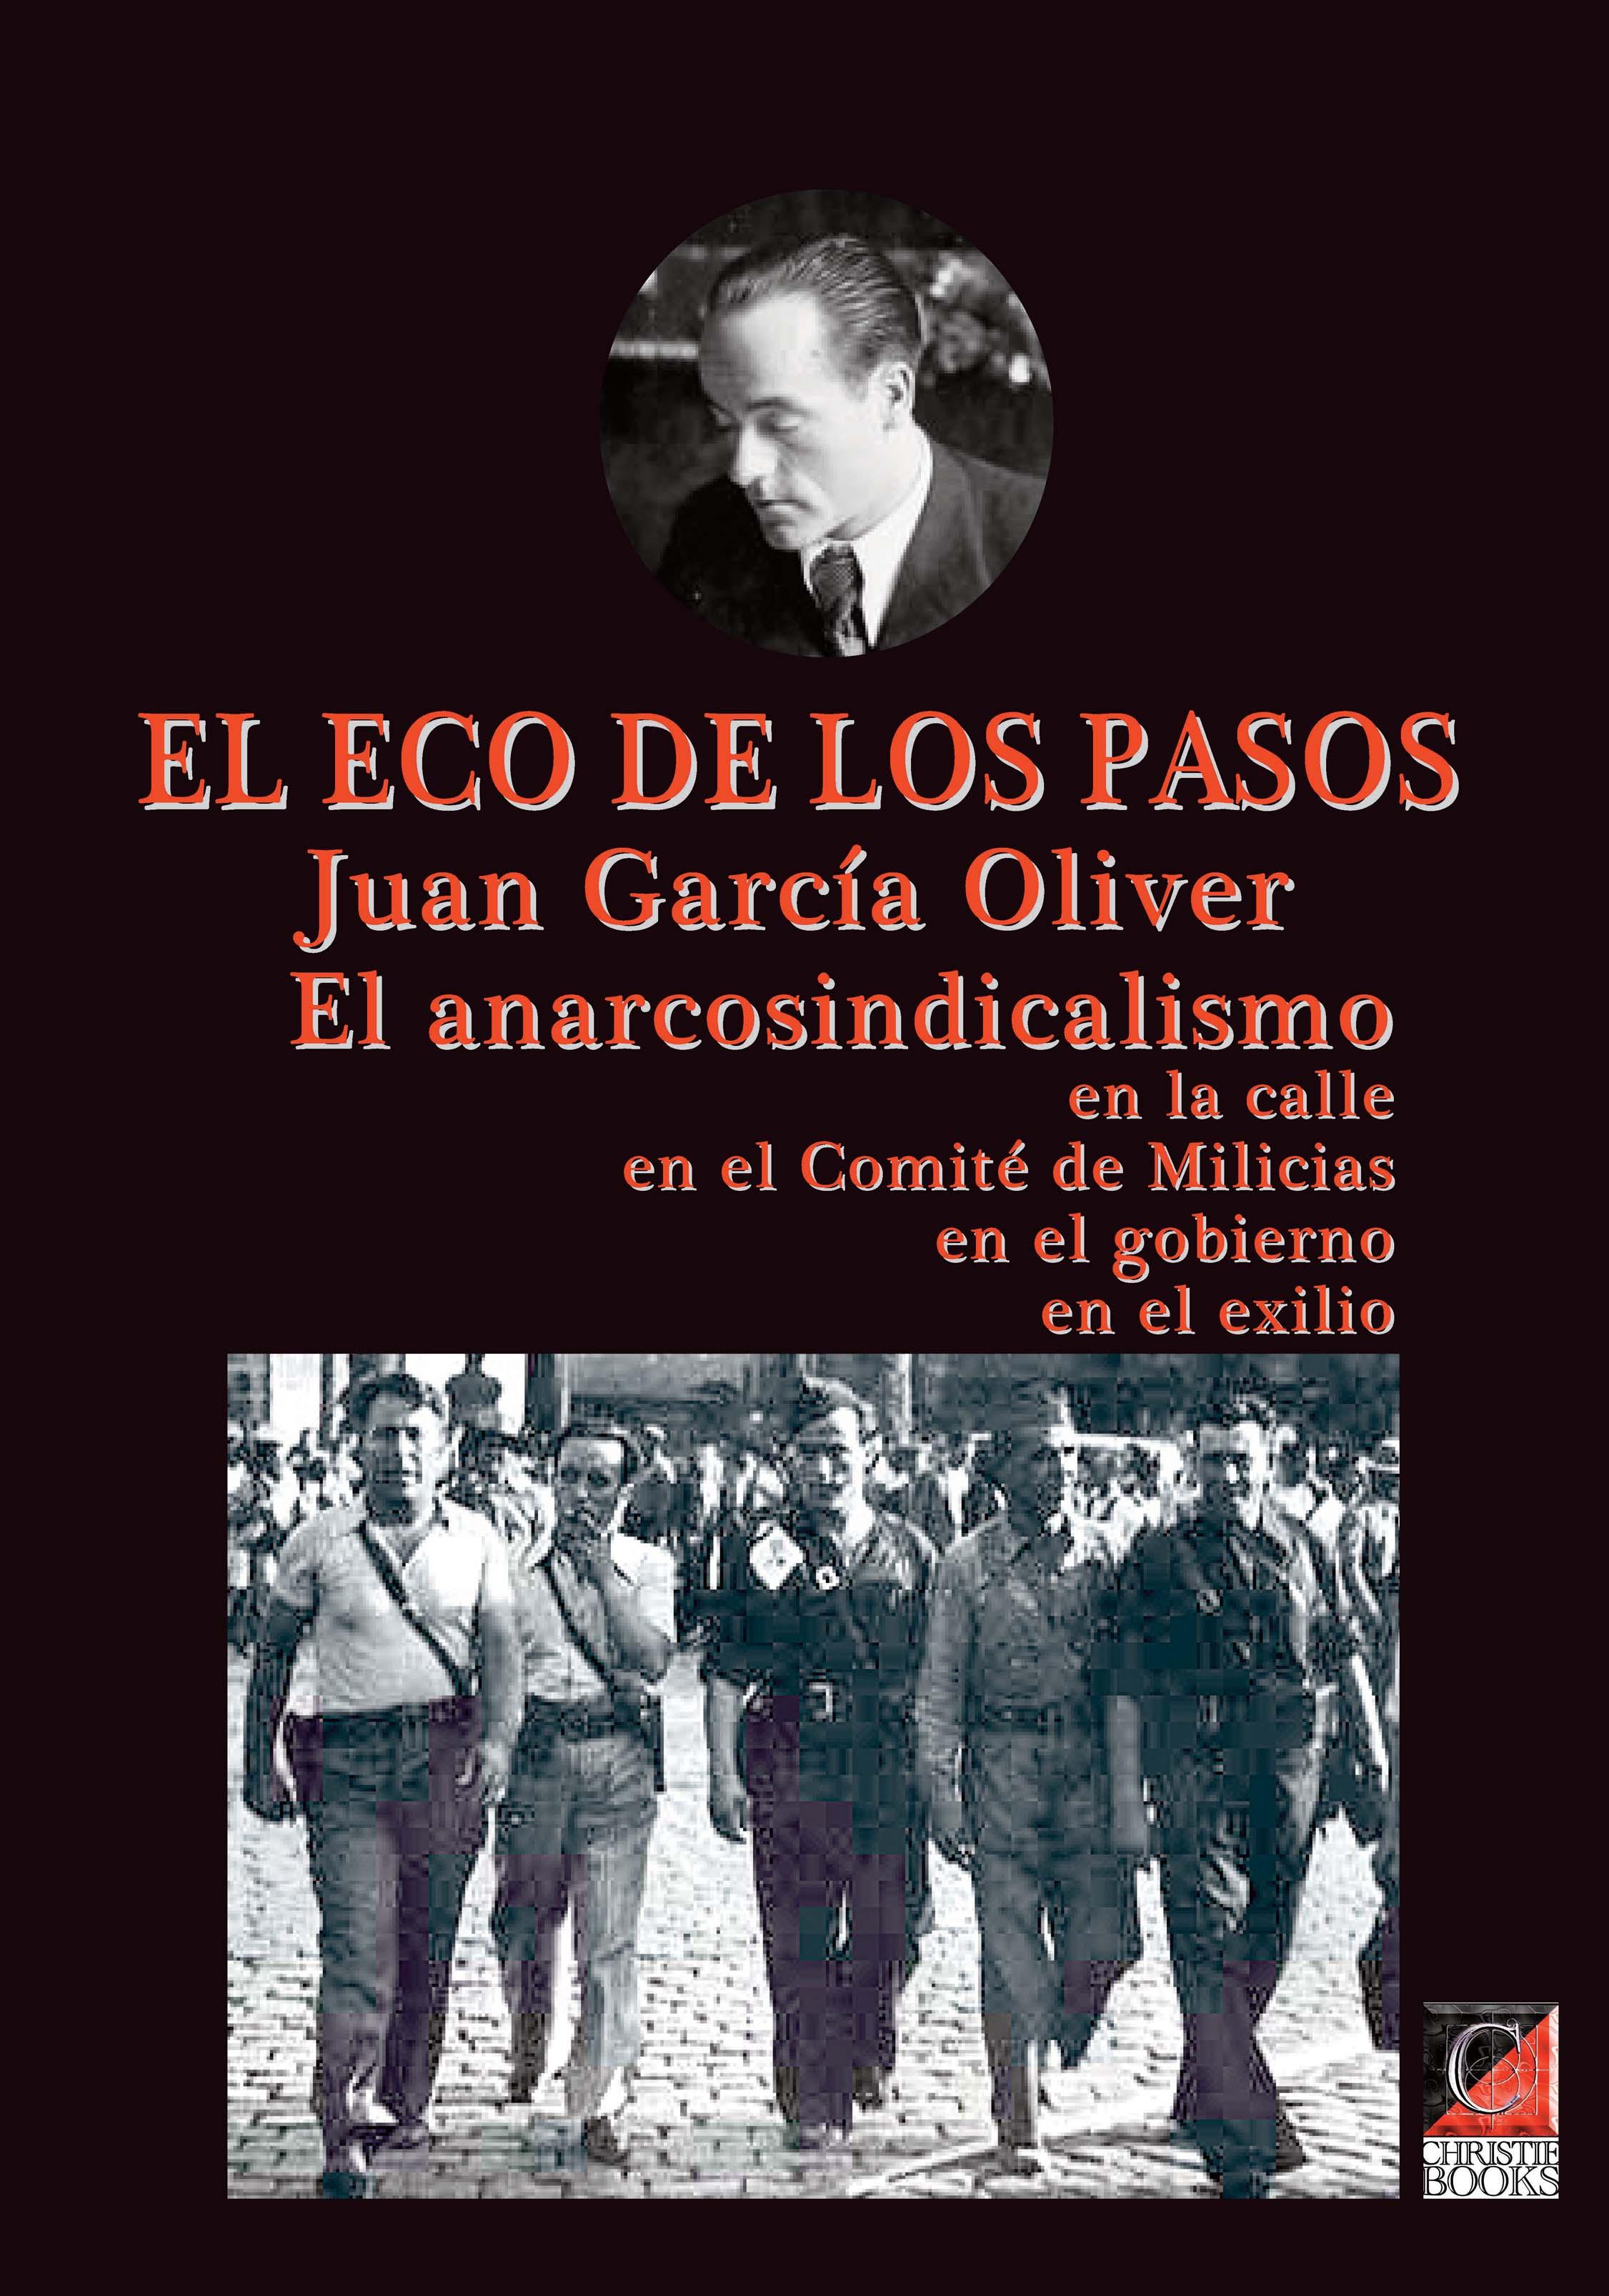 El ECO DE LOS PASOS. El anarcosindicalismo en la calle, en el Comité de Milicias, en el gobierno, en el exilio.